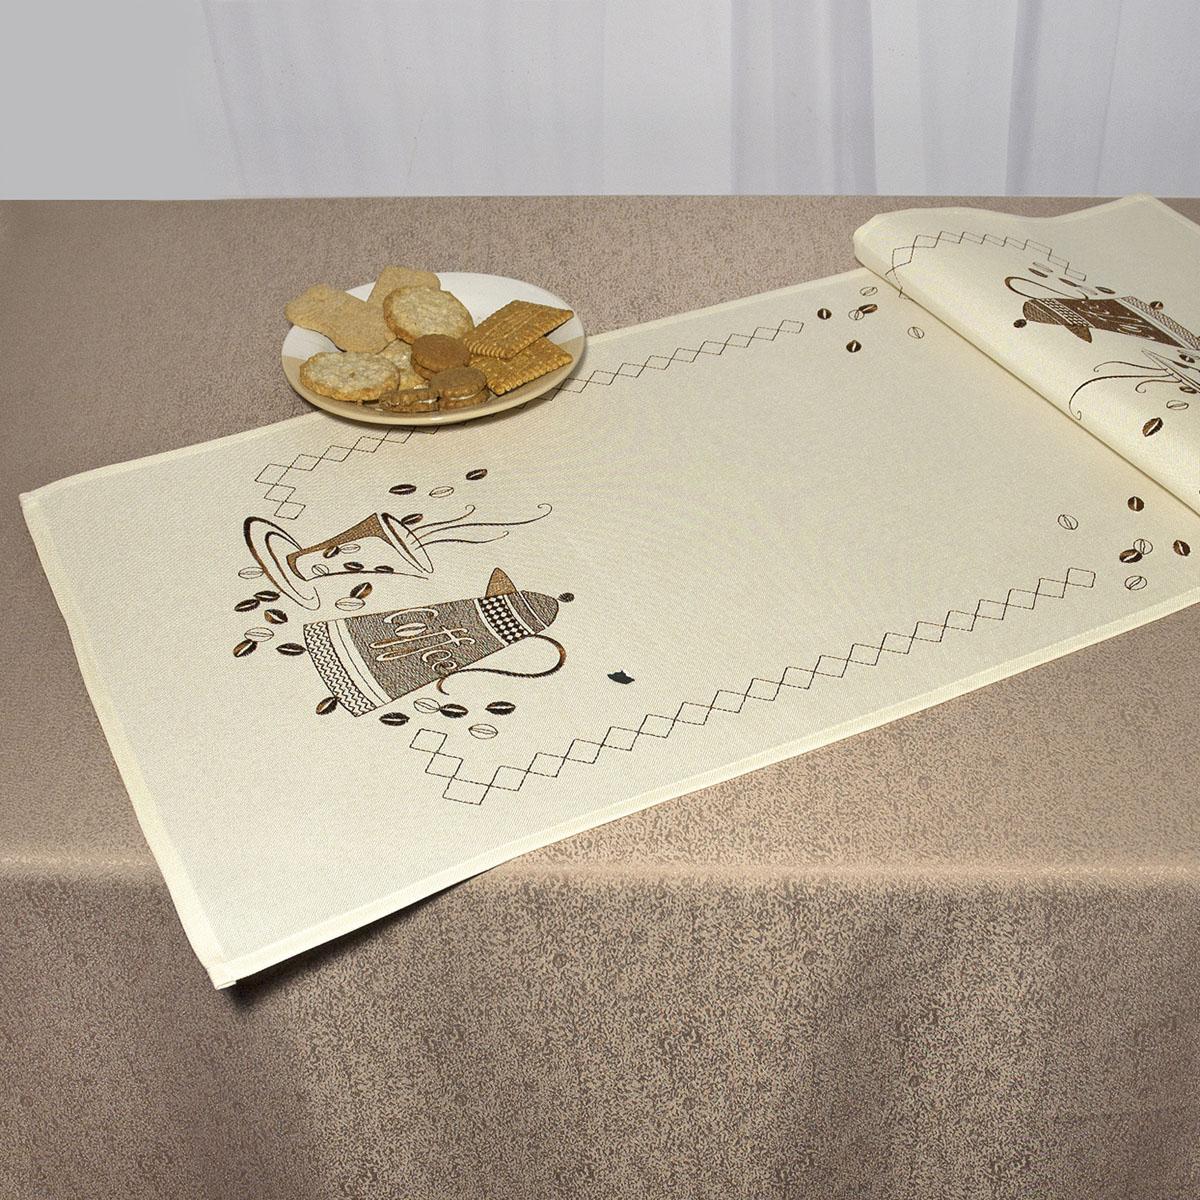 Дорожка для декорирования стола Schaefer, прямоугольная, цвет: кремовый, коричневый, 40 x 110 см 07479-23307479-233Дорожка Schaefer выполнена из высококачественного полиэстера и украшена вышитым рисунком. Вы можете использовать дорожку для декорирования стола, комода или журнального столика. Благодаря такой дорожке вы защитите поверхность мебели от воды, пятен и механических воздействий, а также создадите атмосферу уюта и домашнего тепла в интерьере вашей квартиры. Изделия из искусственных волокон легко стирать: они не мнутся, не садятся и быстро сохнут, они более долговечны, чем изделия из натуральных волокон. Изысканный текстиль от немецкой компании Schaefer - это красота, стиль и уют в вашем доме. Дорожка органично впишется в интерьер любого помещения, а оригинальный дизайн удовлетворит даже самый изысканный вкус.Дарите себе и близким красоту каждый день!